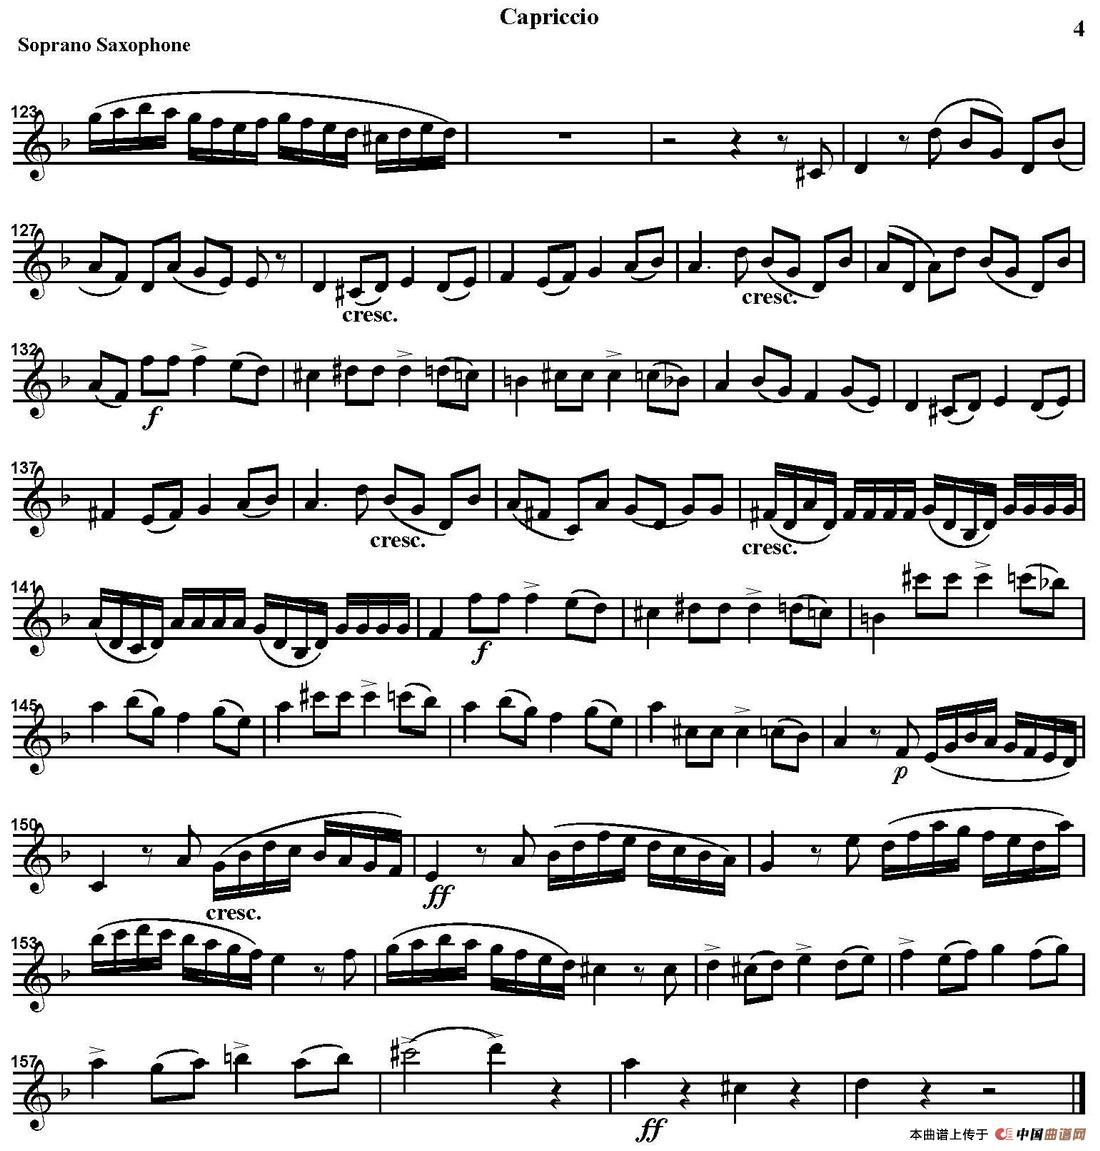 capriccio(四重奏·高音萨克斯分谱)